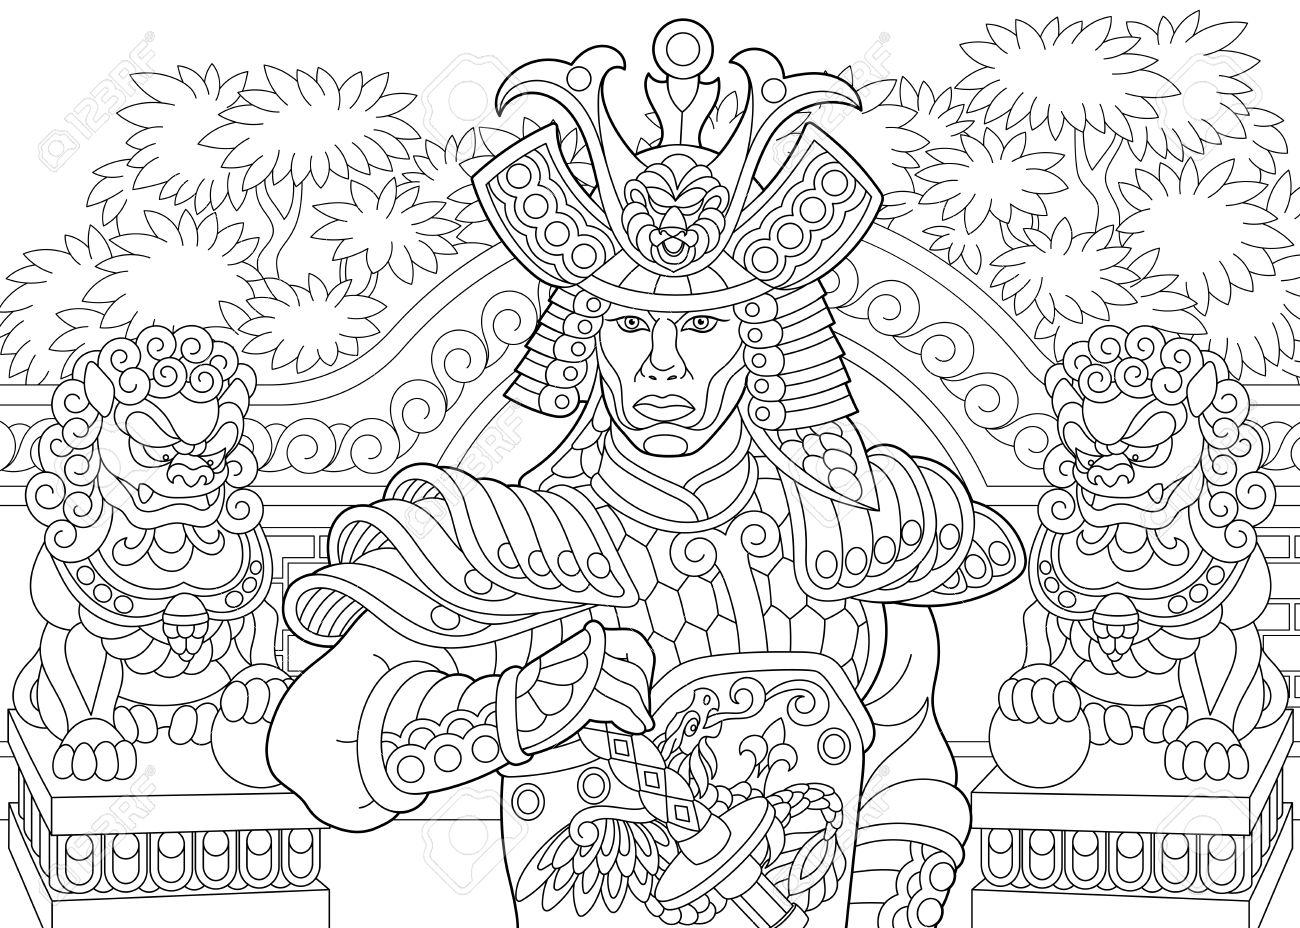 Coloriage Du Samourai Japonais Avec Des Statues De Lion En Arriere